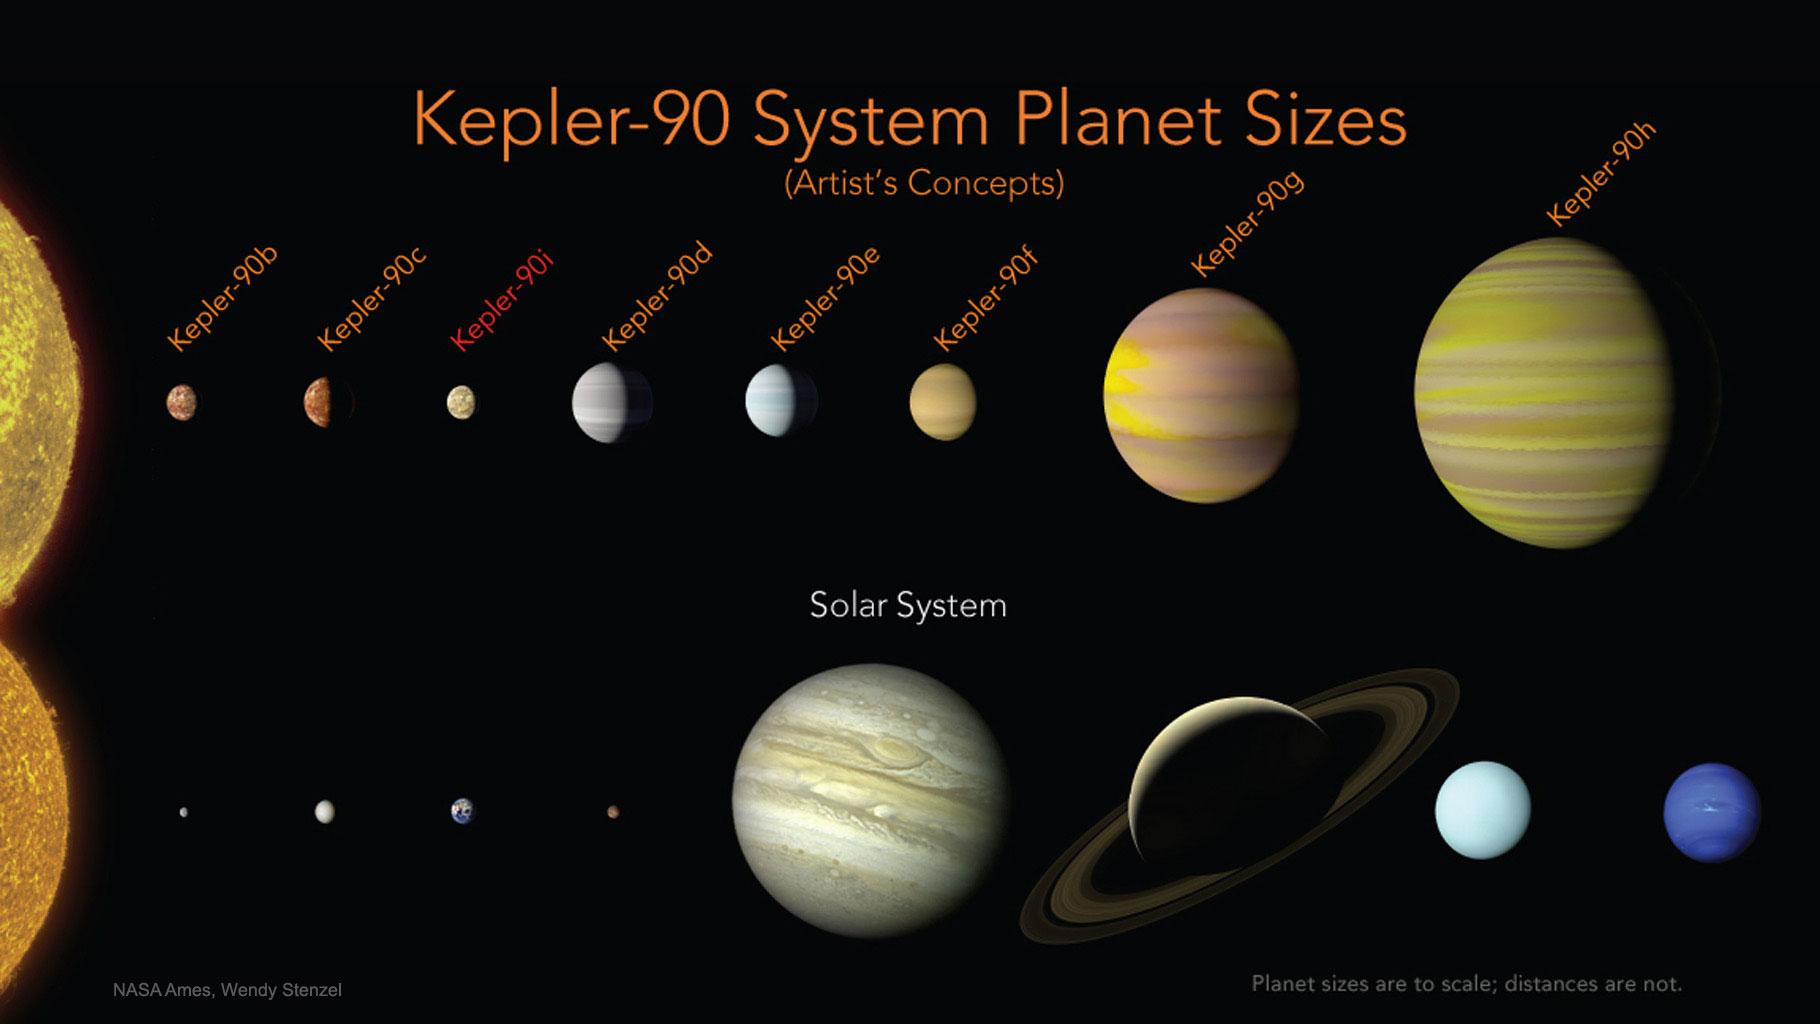 Le système planétaire Kepler-90